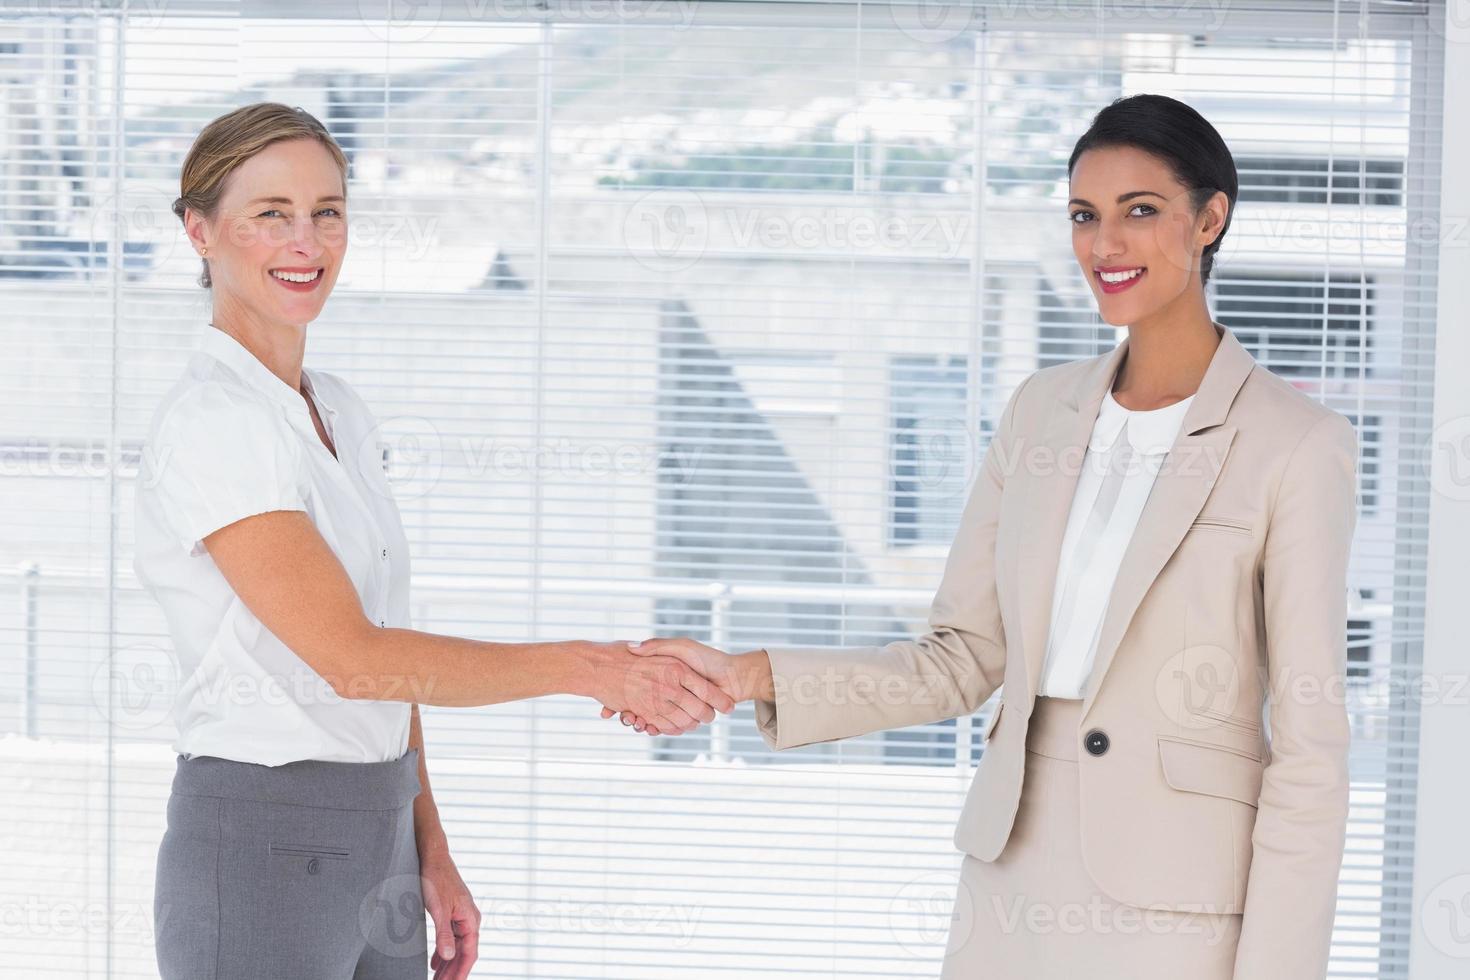 twee vrolijke partners handen schudden foto